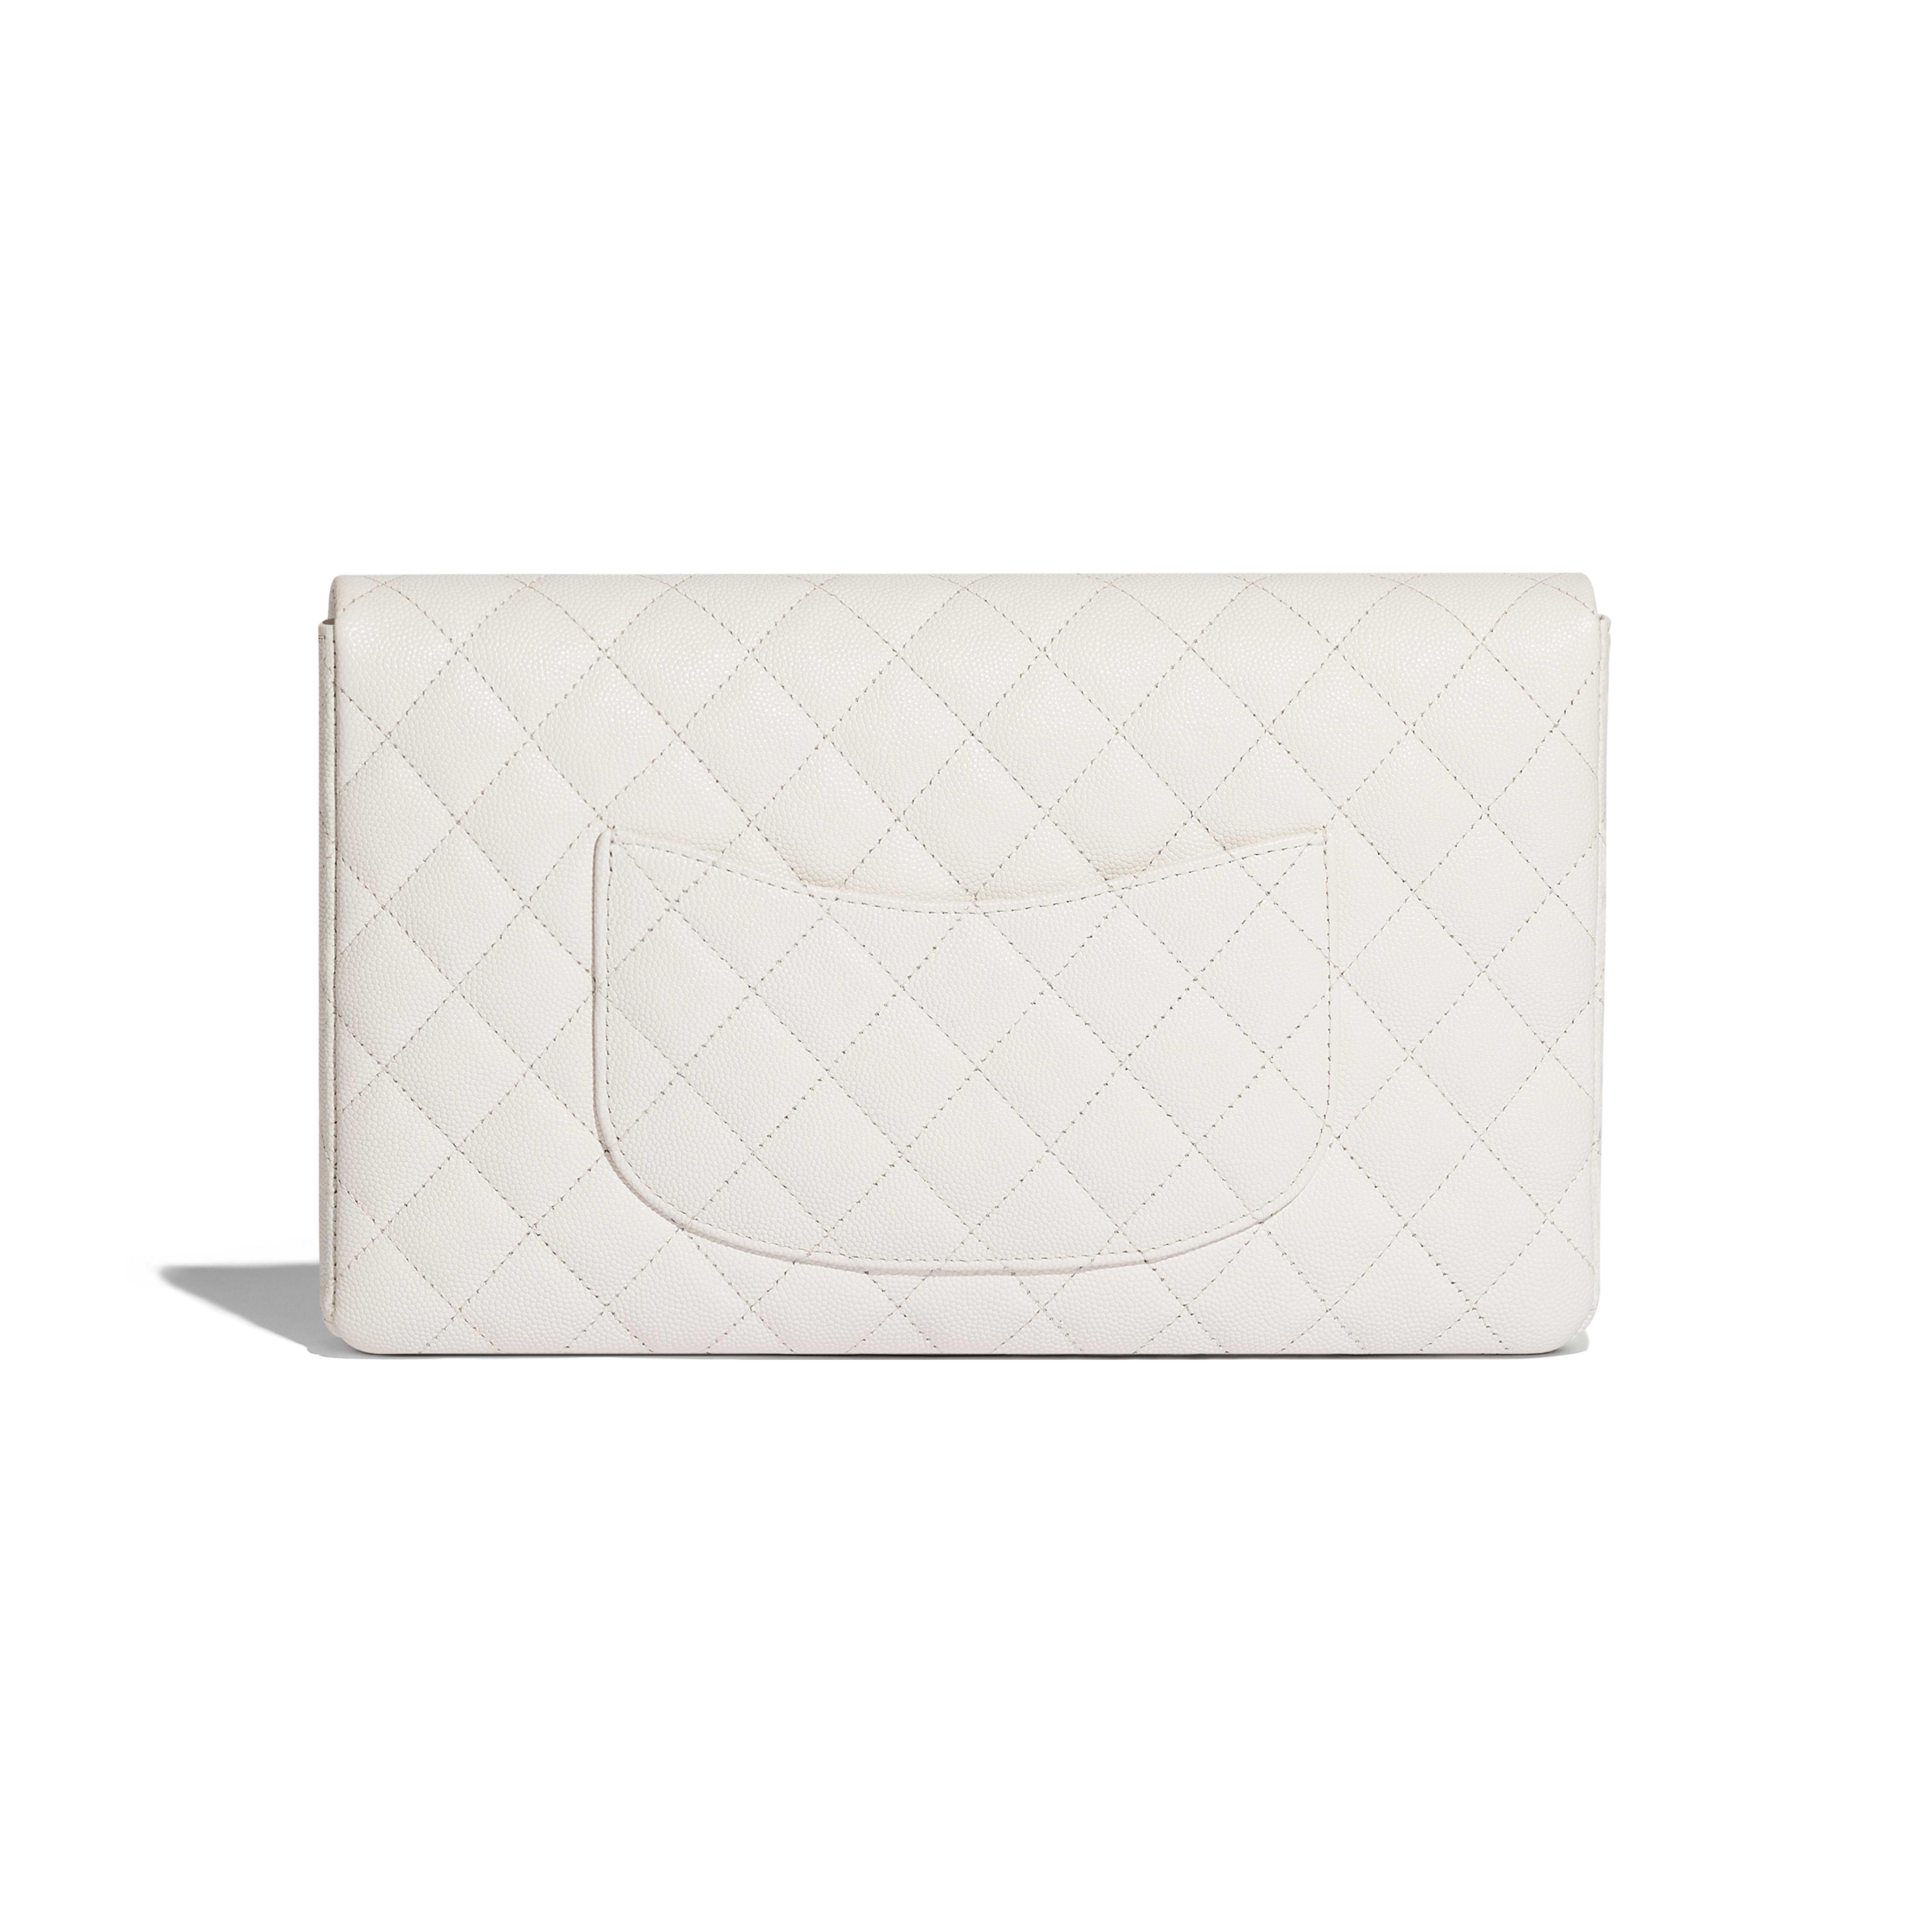 กระเป๋าคลัทช์ - สีขาว - หนังลูกวัวลายเกรน, โลหะสีทอง - มุมมองทางอื่น - ดูเวอร์ชันขนาดเต็ม